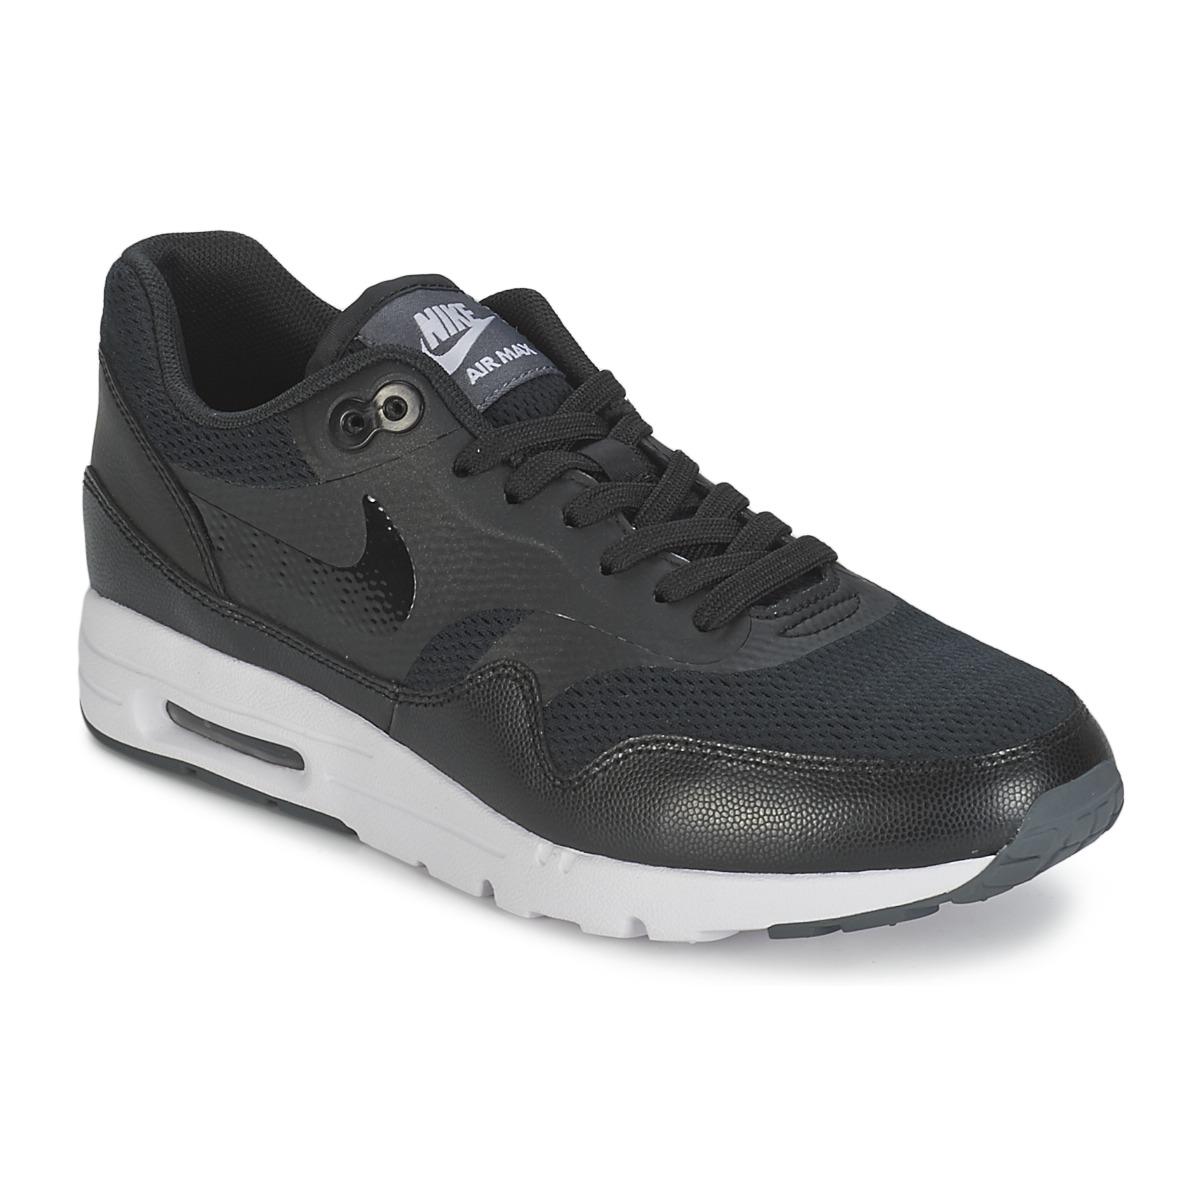 Nike AIR MAX 1 ULTRA ESSENTIAL W Schwarz - Kostenloser Versand bei Spartoode ! - Schuhe Sneaker Low Damen 83,40 €